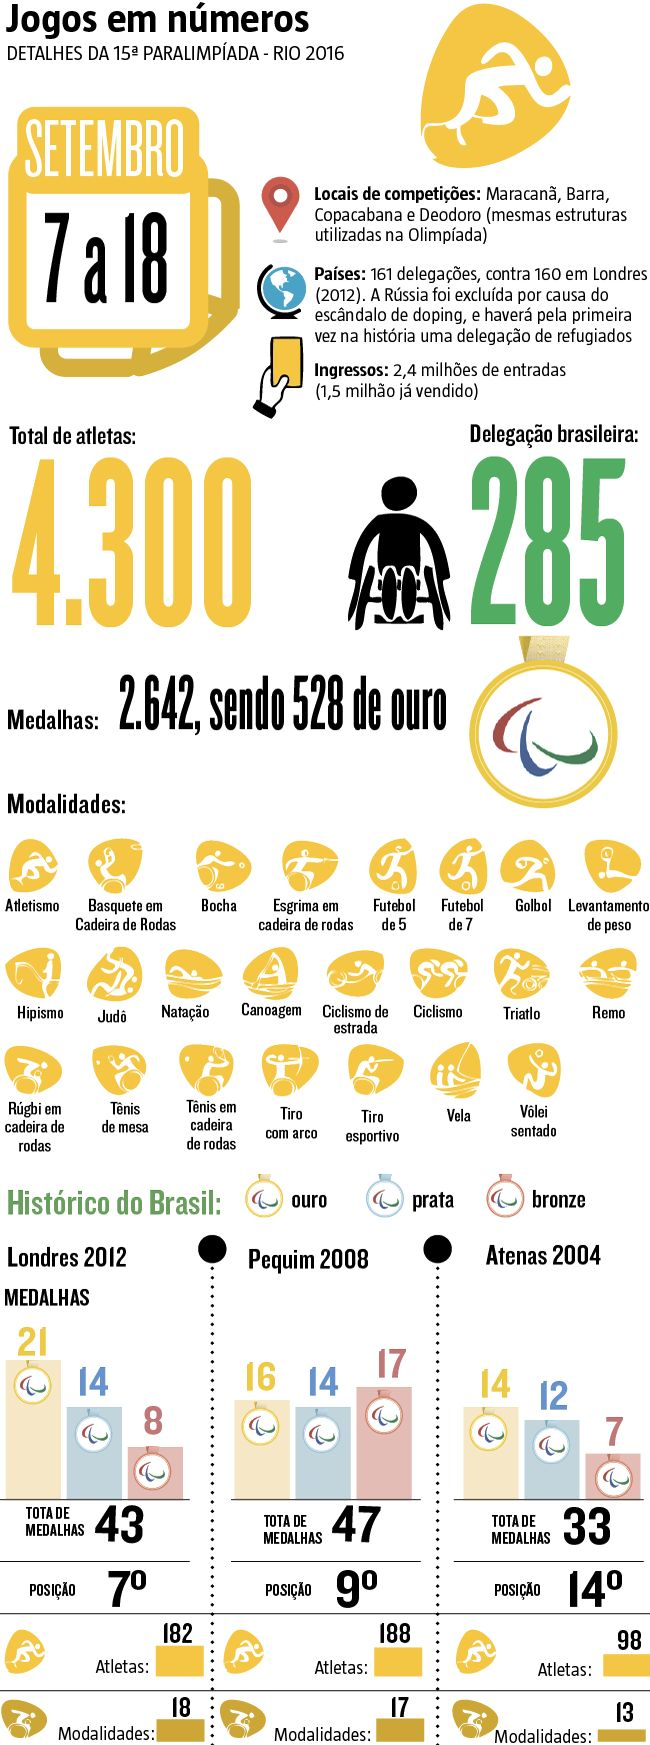 Nos 11 dias de competições, 4.300 atletas de 161 países entrarão em ação nas 23 modalidades em disputa. A principal ausência será a Rússia, excluída devido aos recentes escândalo de doping. Em contrapartida, pela primeira vez na história, os Jogos vão contar com uma delegação formada por refugiados. (07/09/2016) #Olimpíada #Paralimpíada #JogosOlímpicos #Rio2016 #Infográfico #Infografia #HojeEmDia